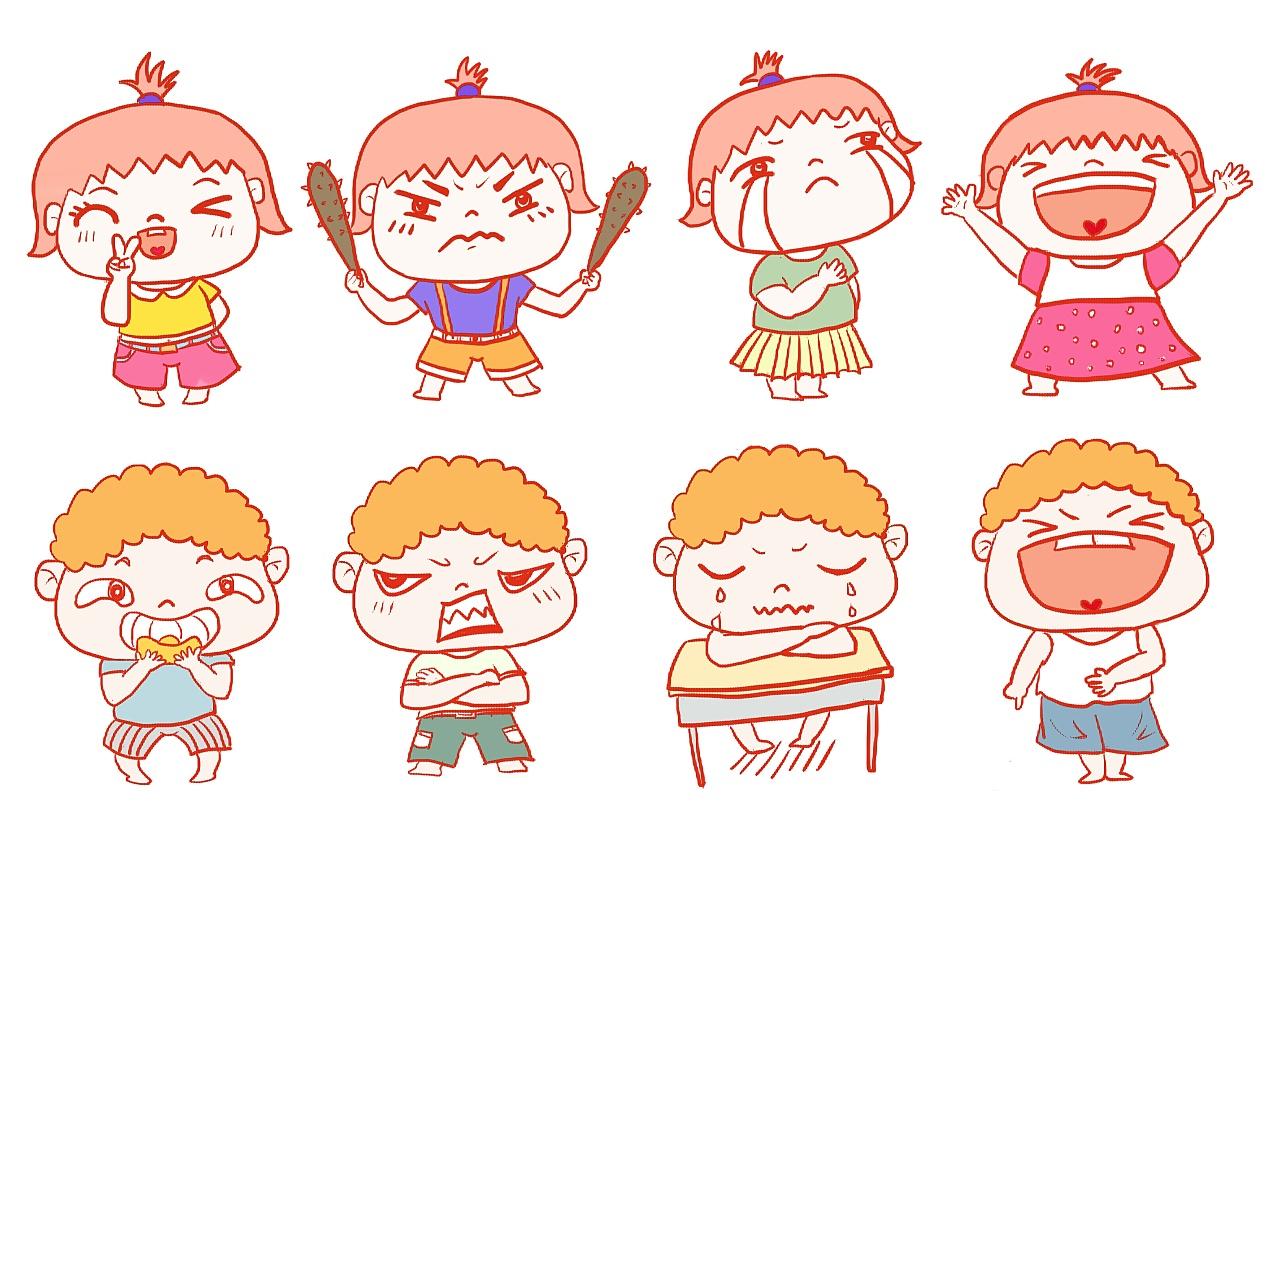 可爱表情|网络|表情头像|高木英子-原创作品微信动漫小表情包图片